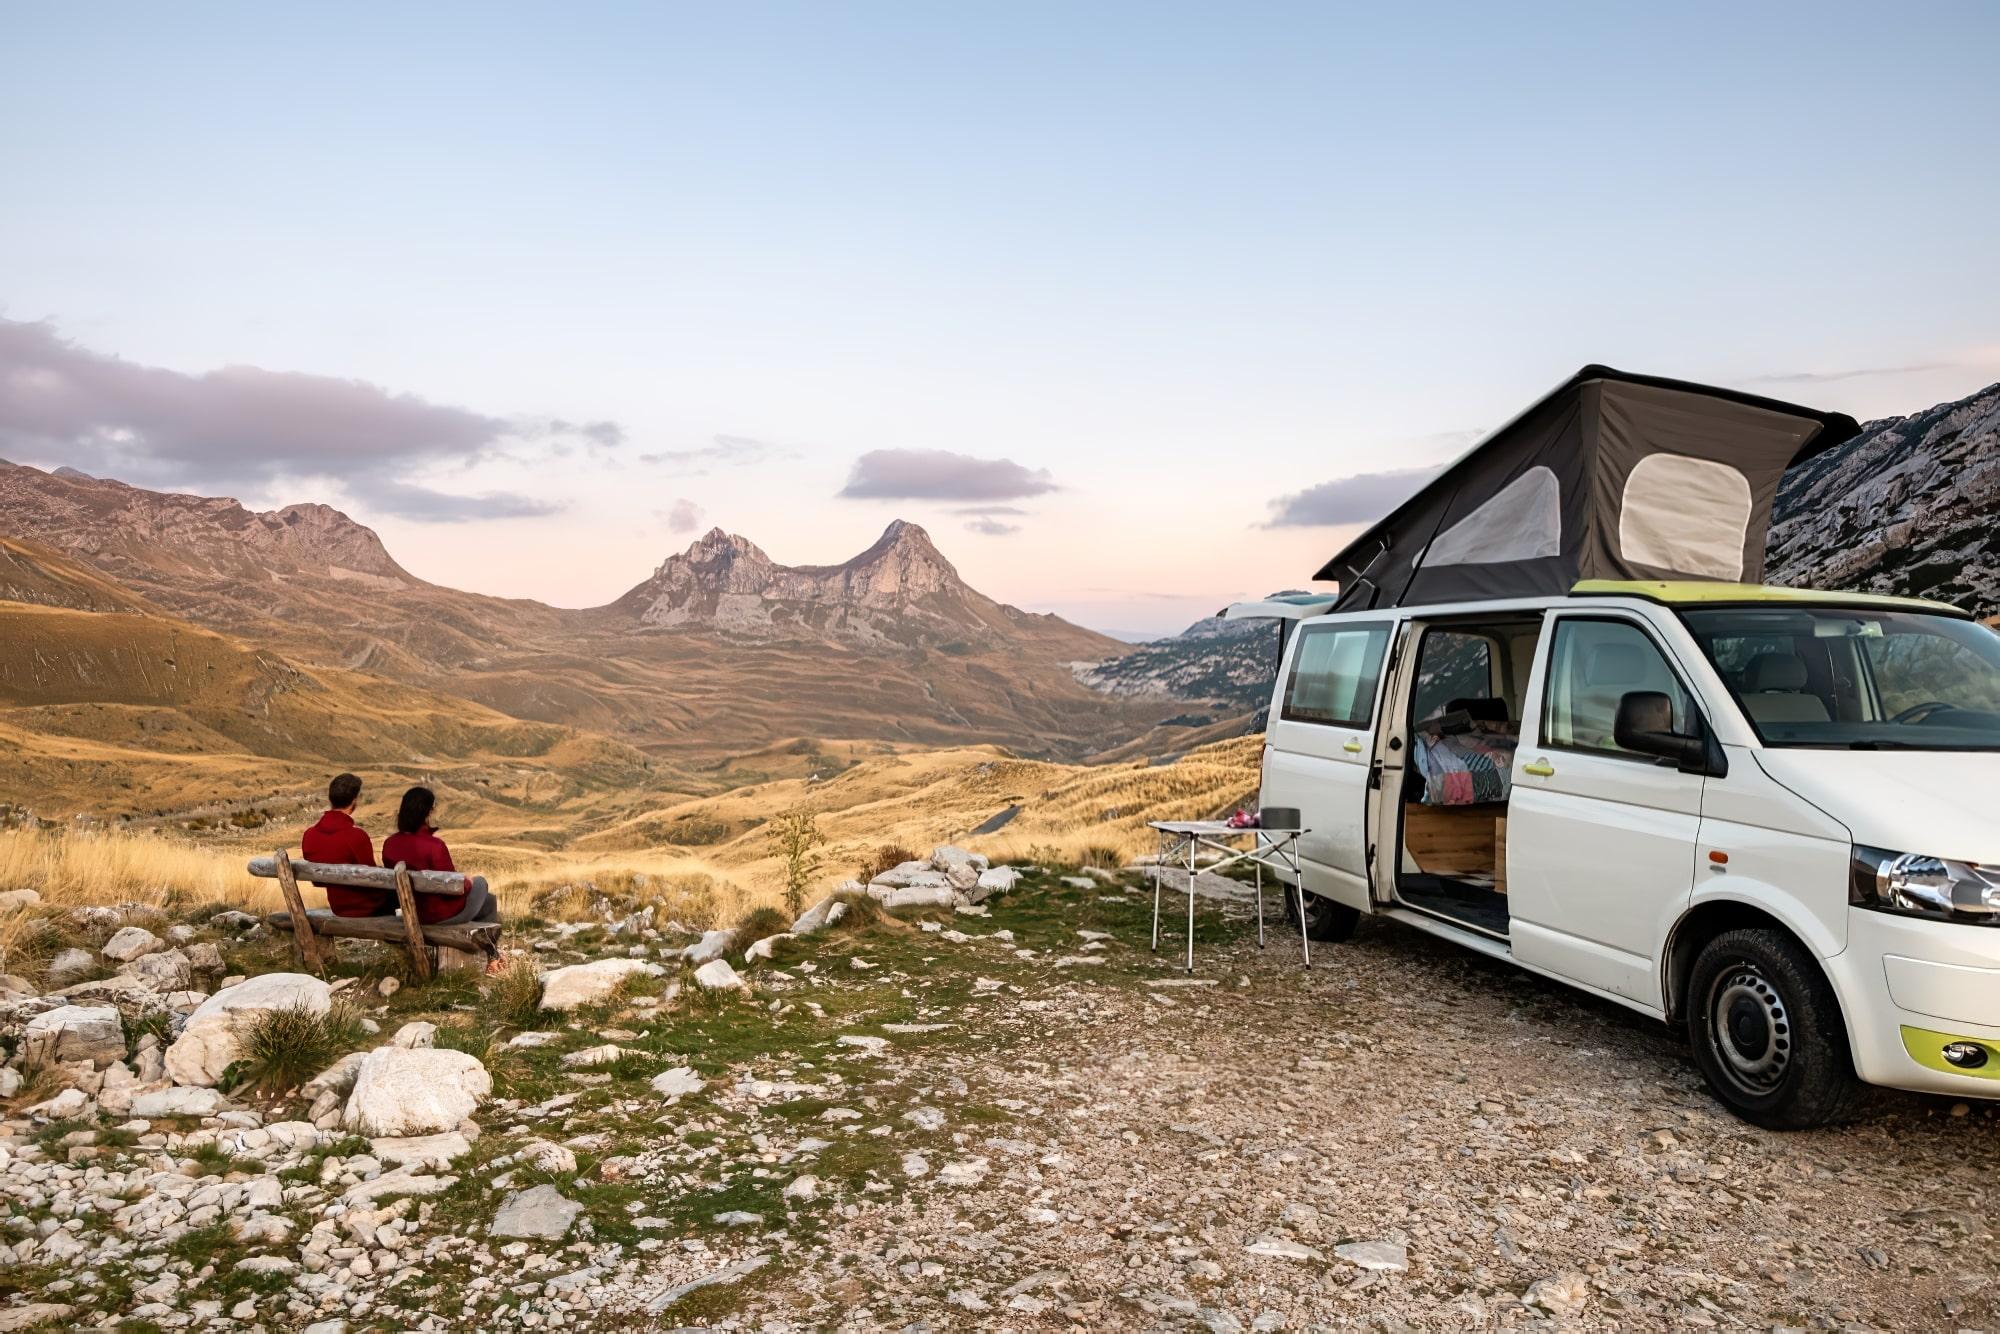 montenegro-camping-car